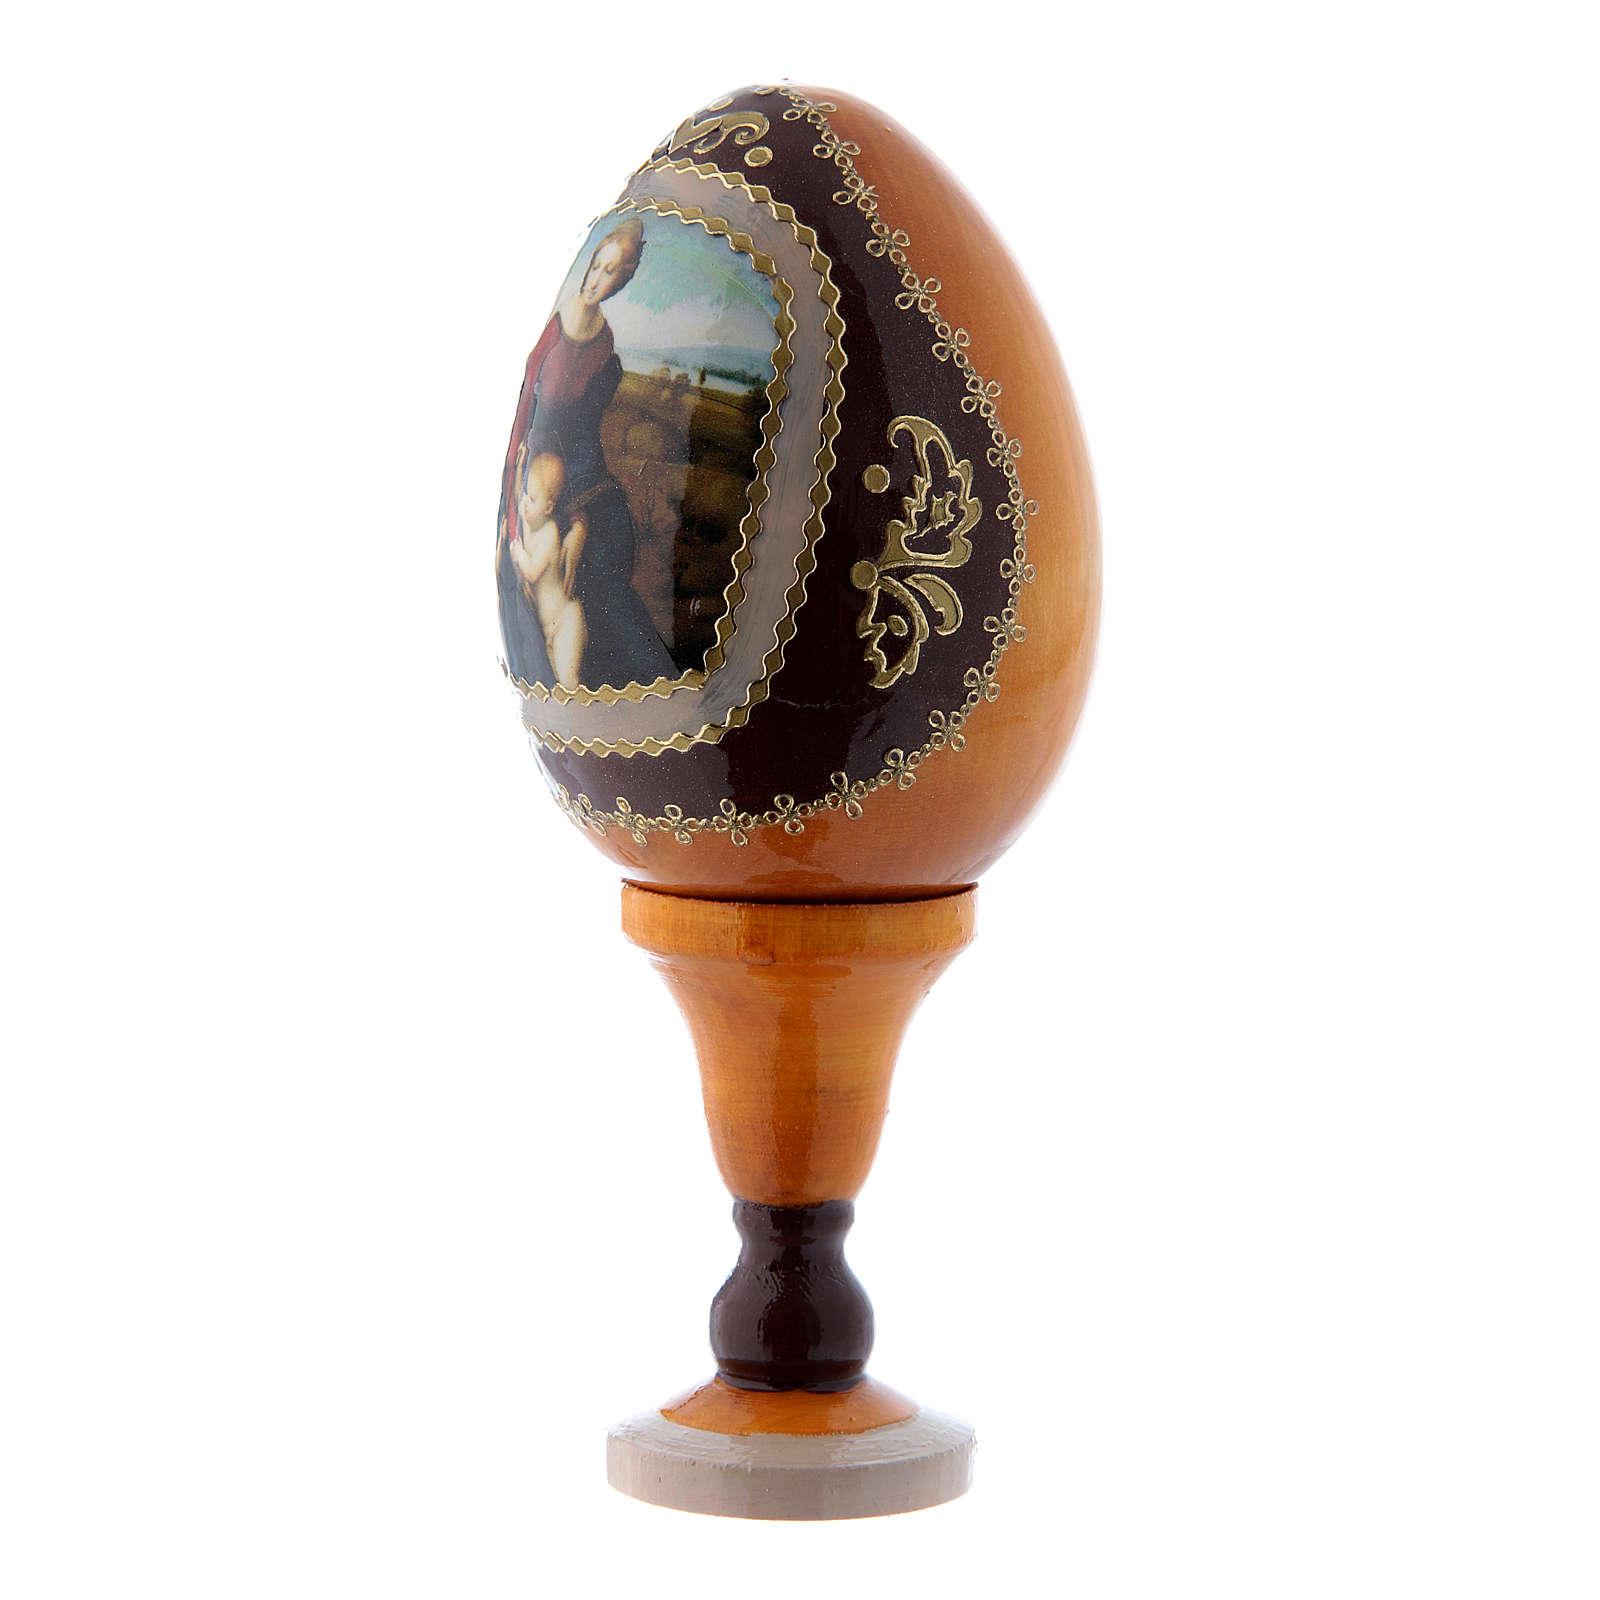 Uovo stile Fabergè russo La Madonna del Belvedere in legno giallo h tot 13 cm 4